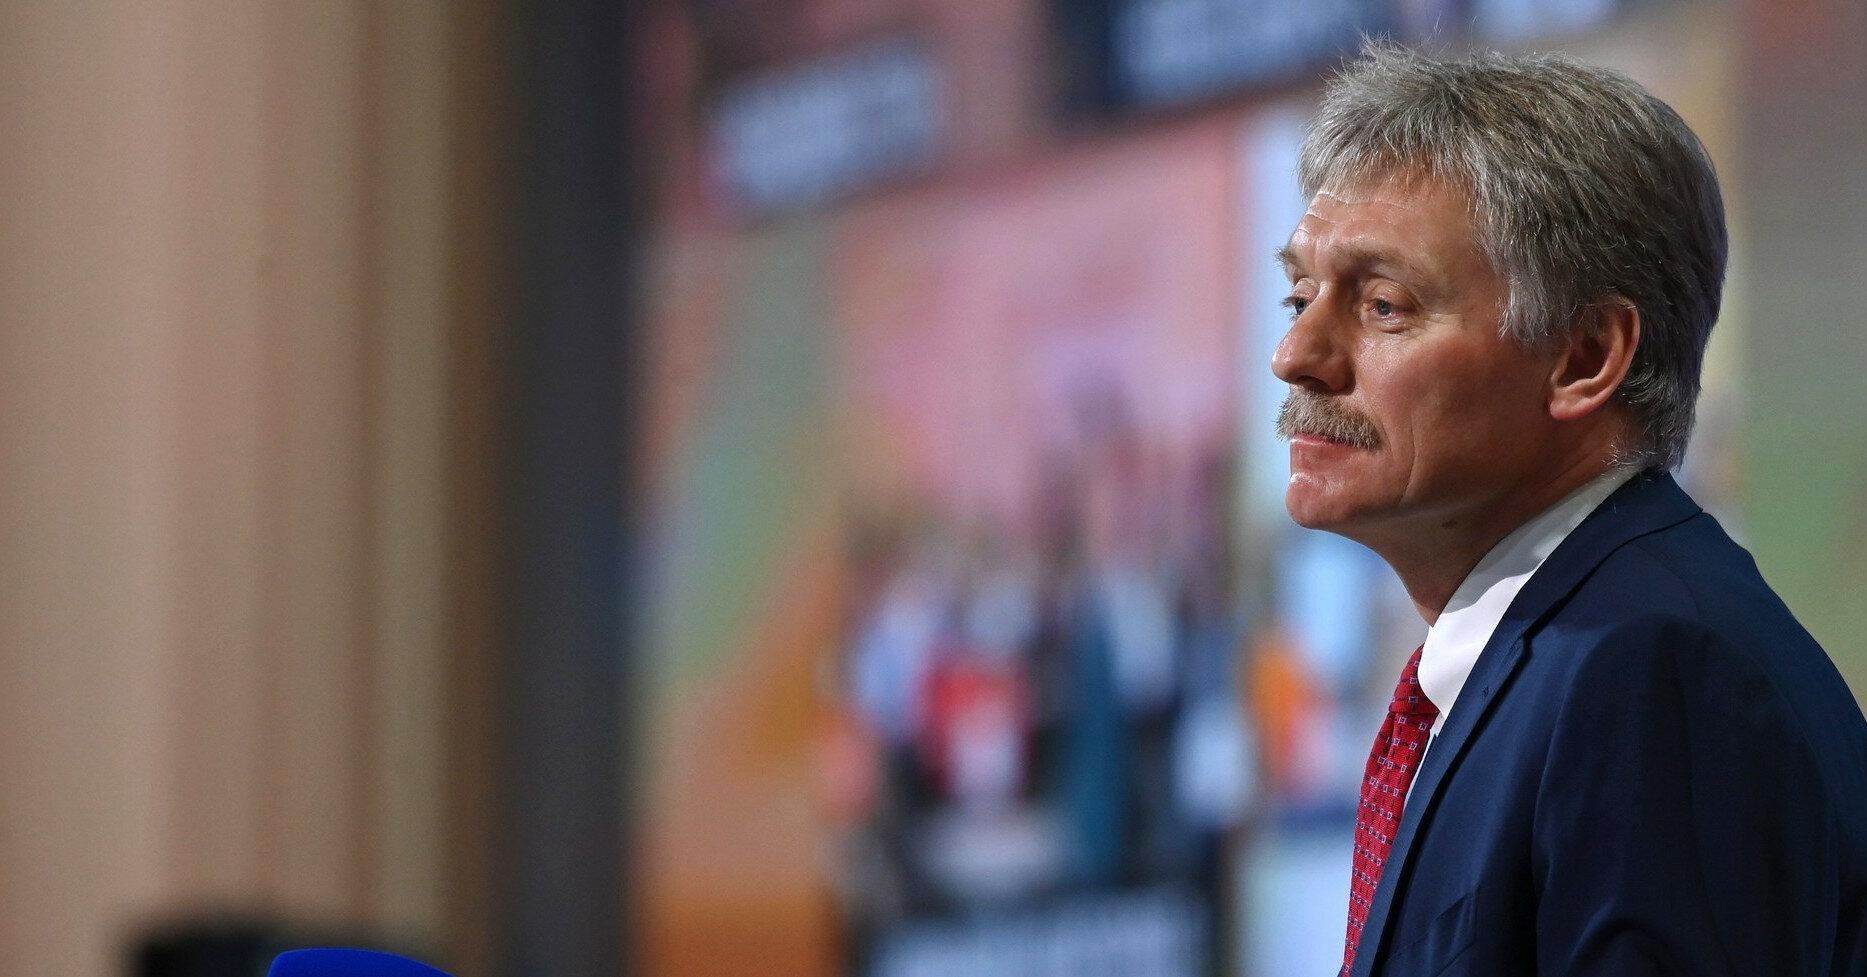 Кремль о встрече Путина и Зеленского: никакой подготовки не ведется